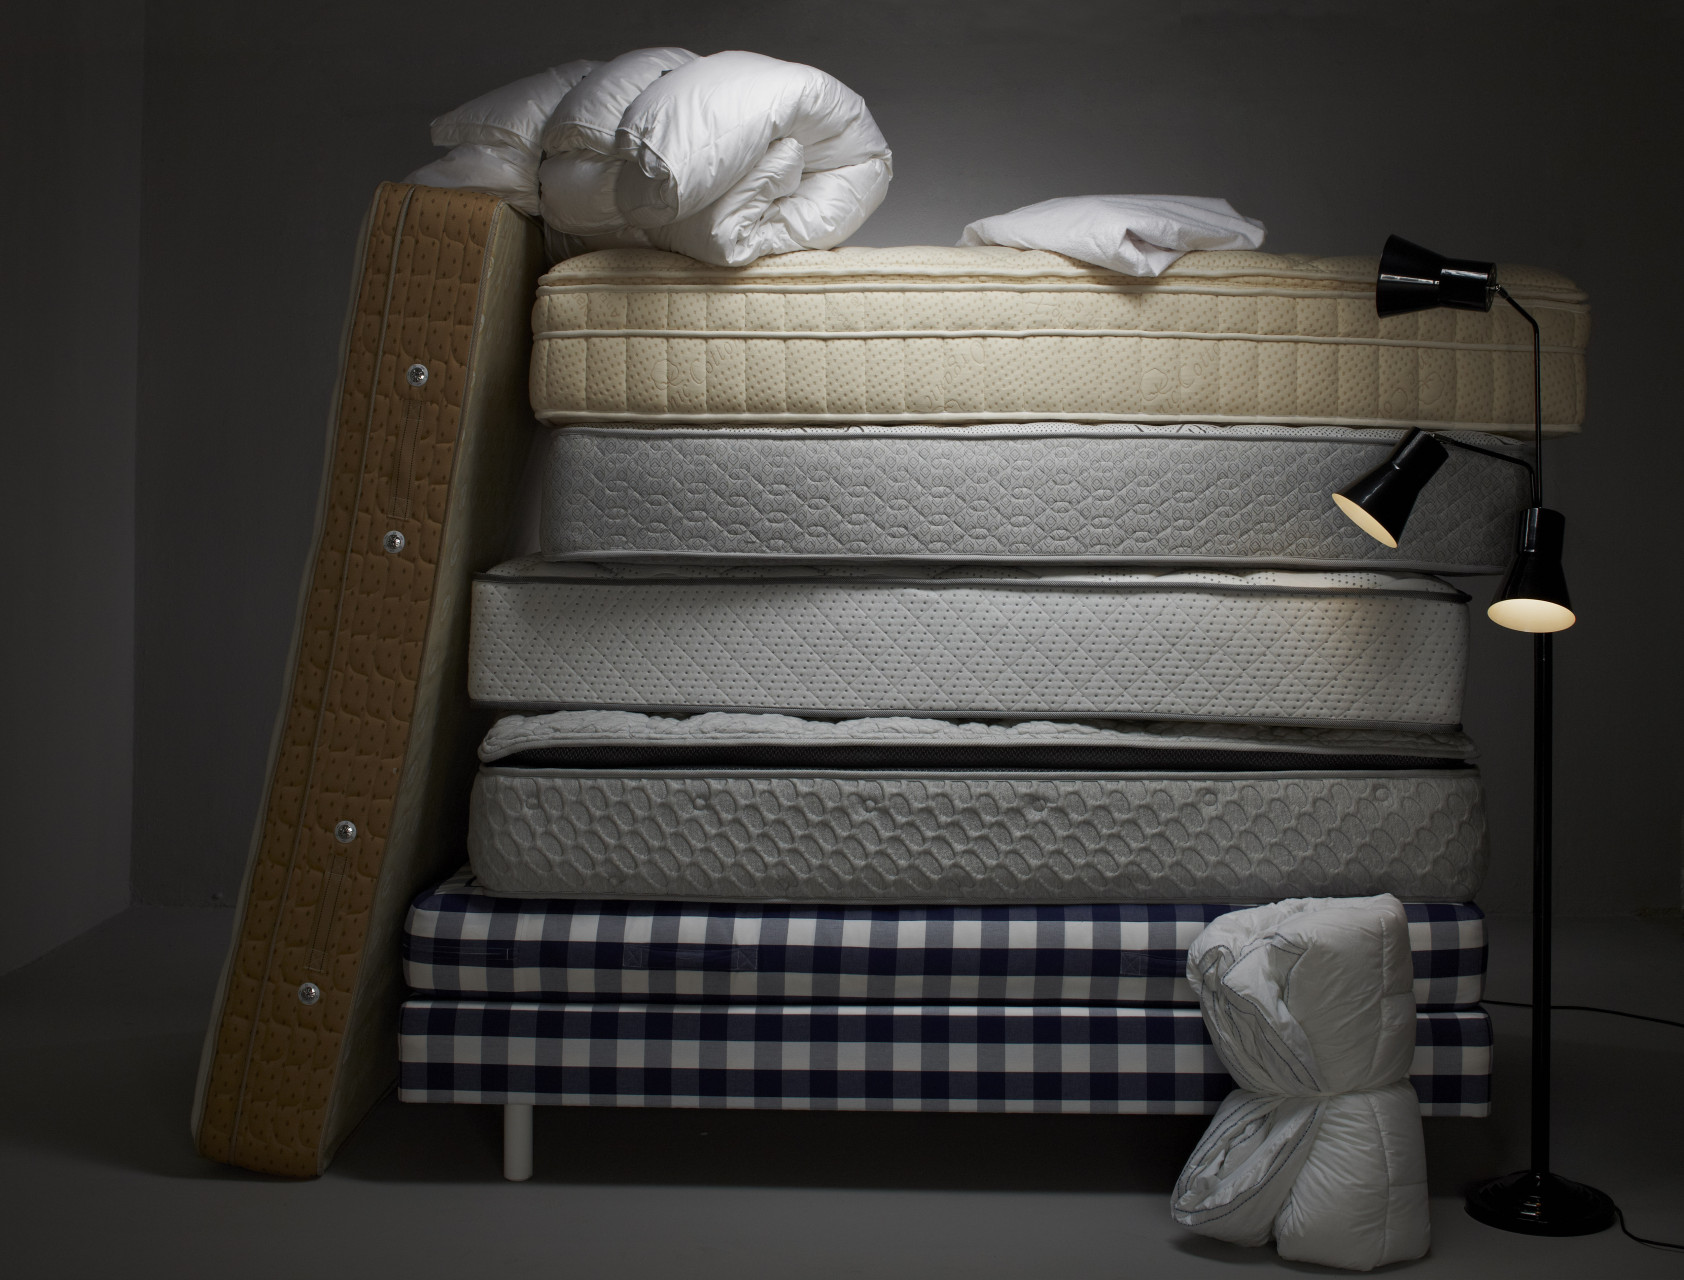 039 Elle decor beds 2464